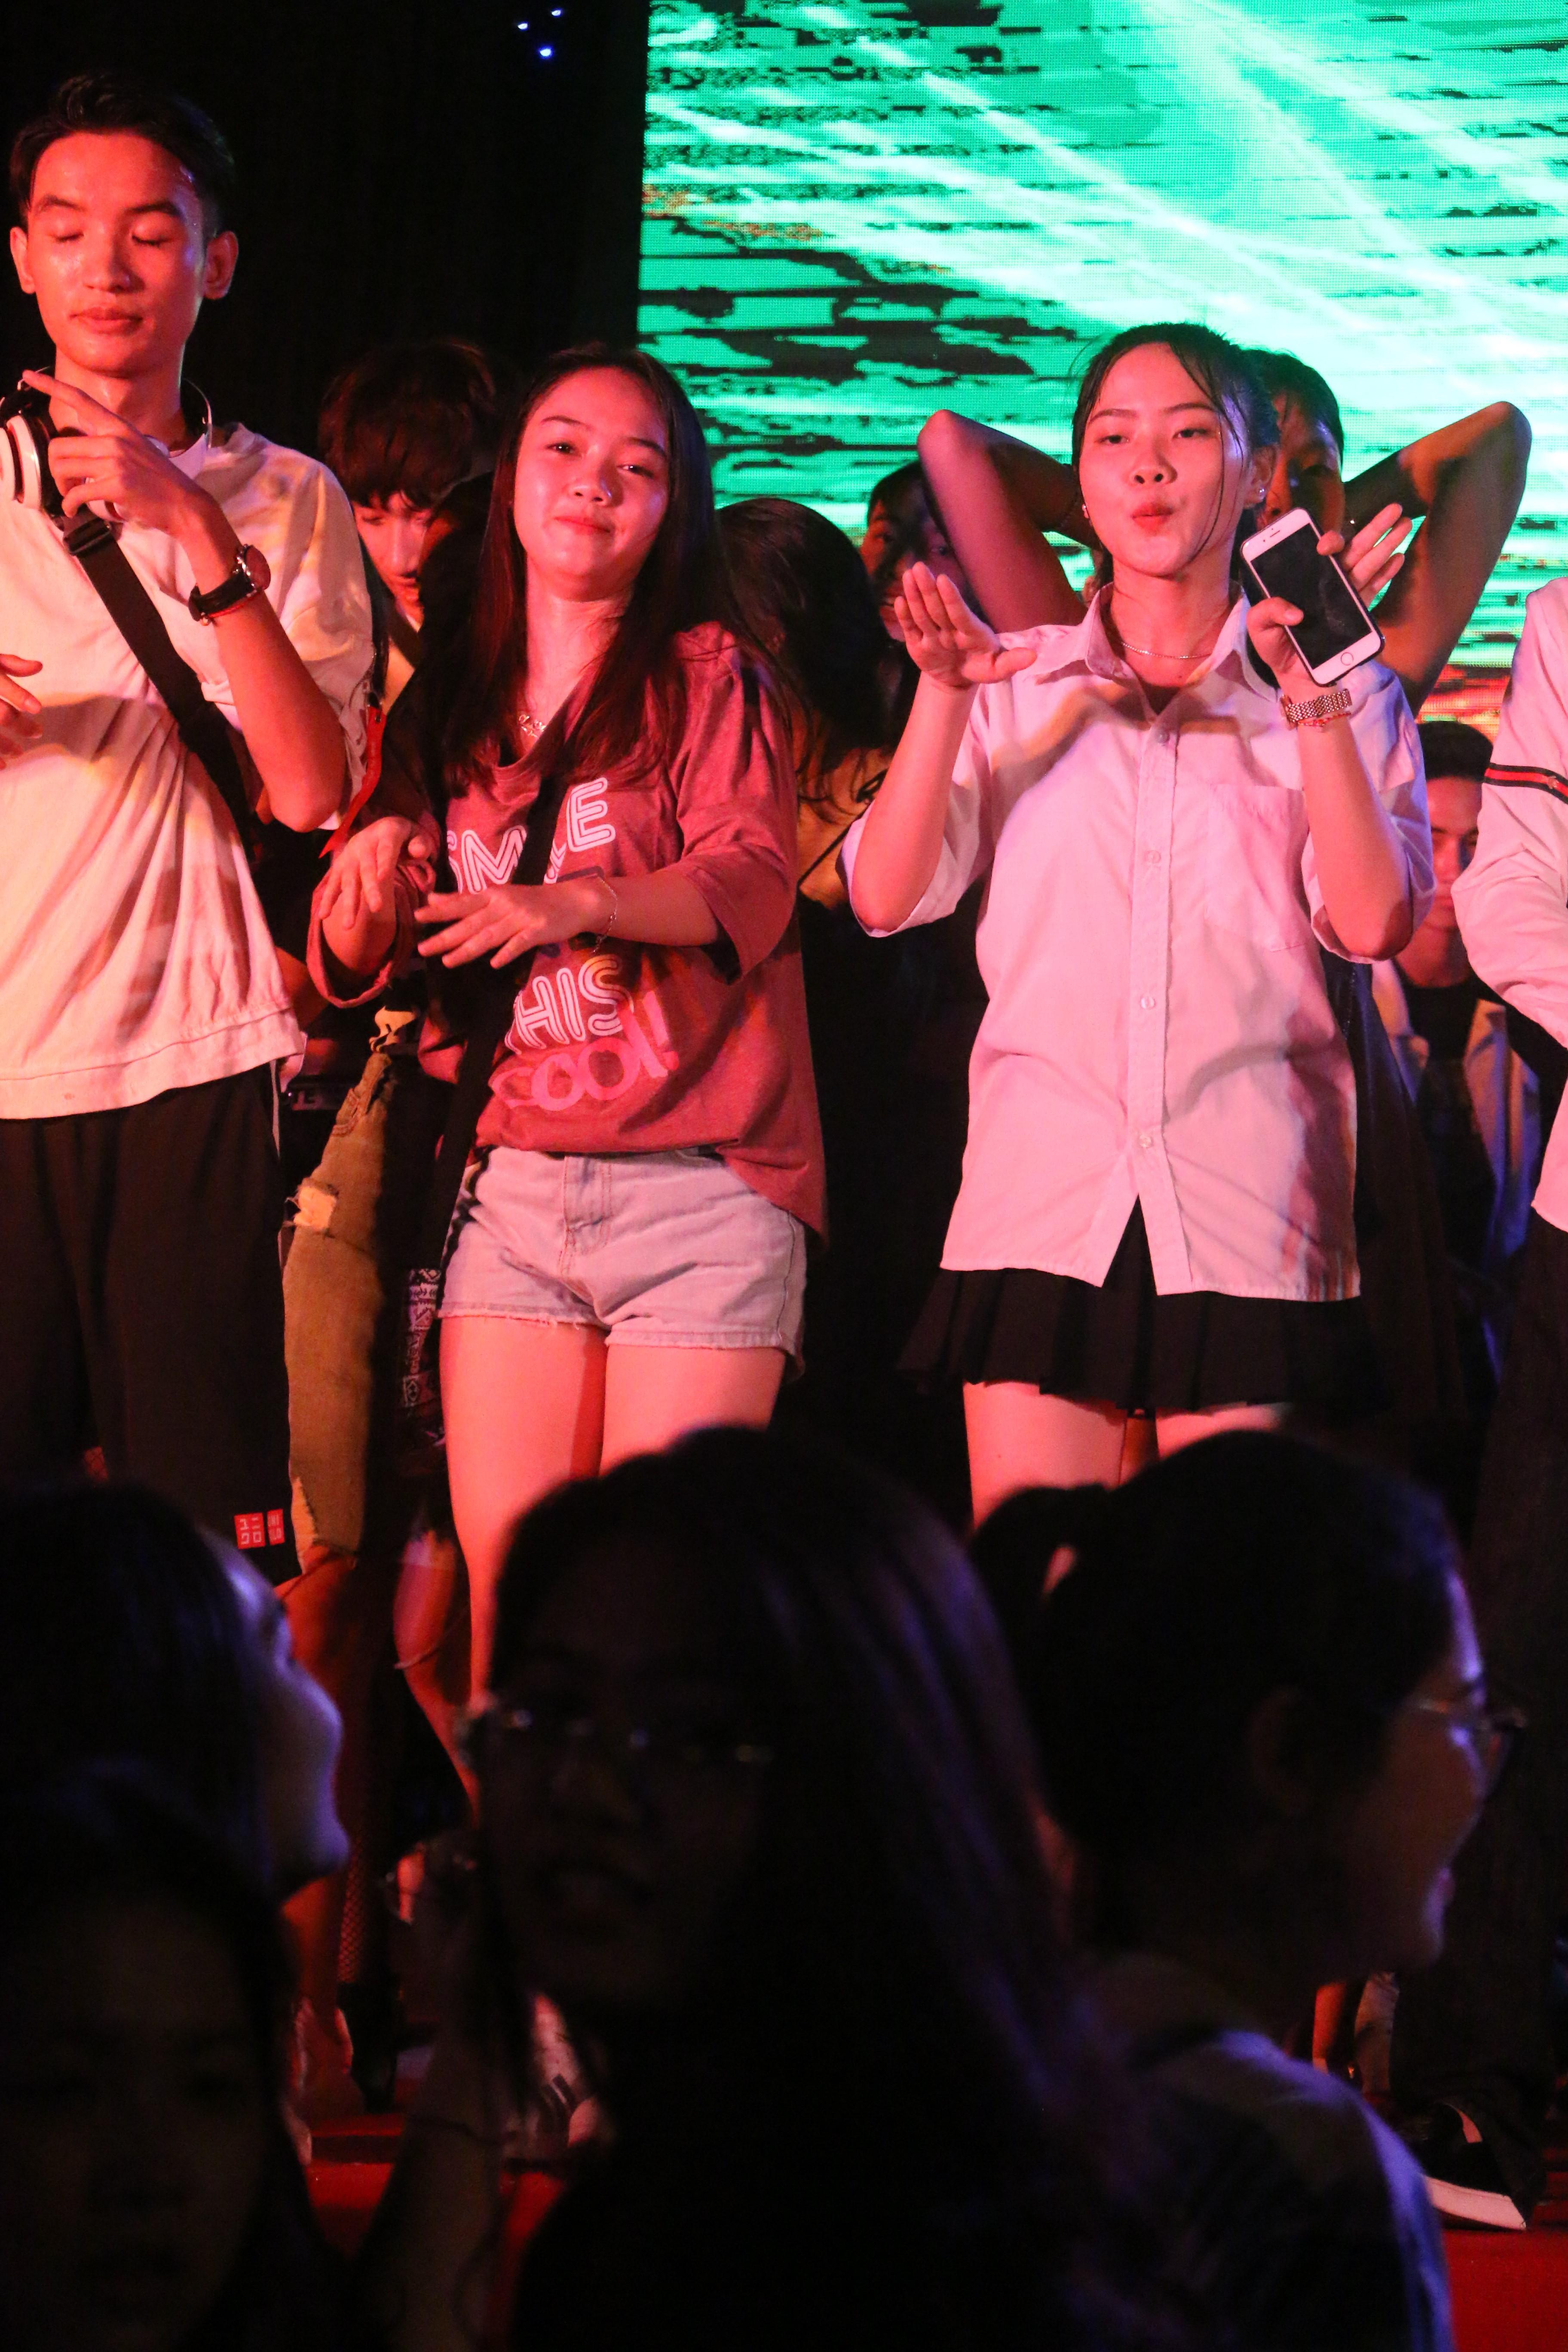 Sinh viên Đại Nam cháy hết mình trong bữa tiệc âm nhạc cùng ca sĩ Min - Ảnh 6.